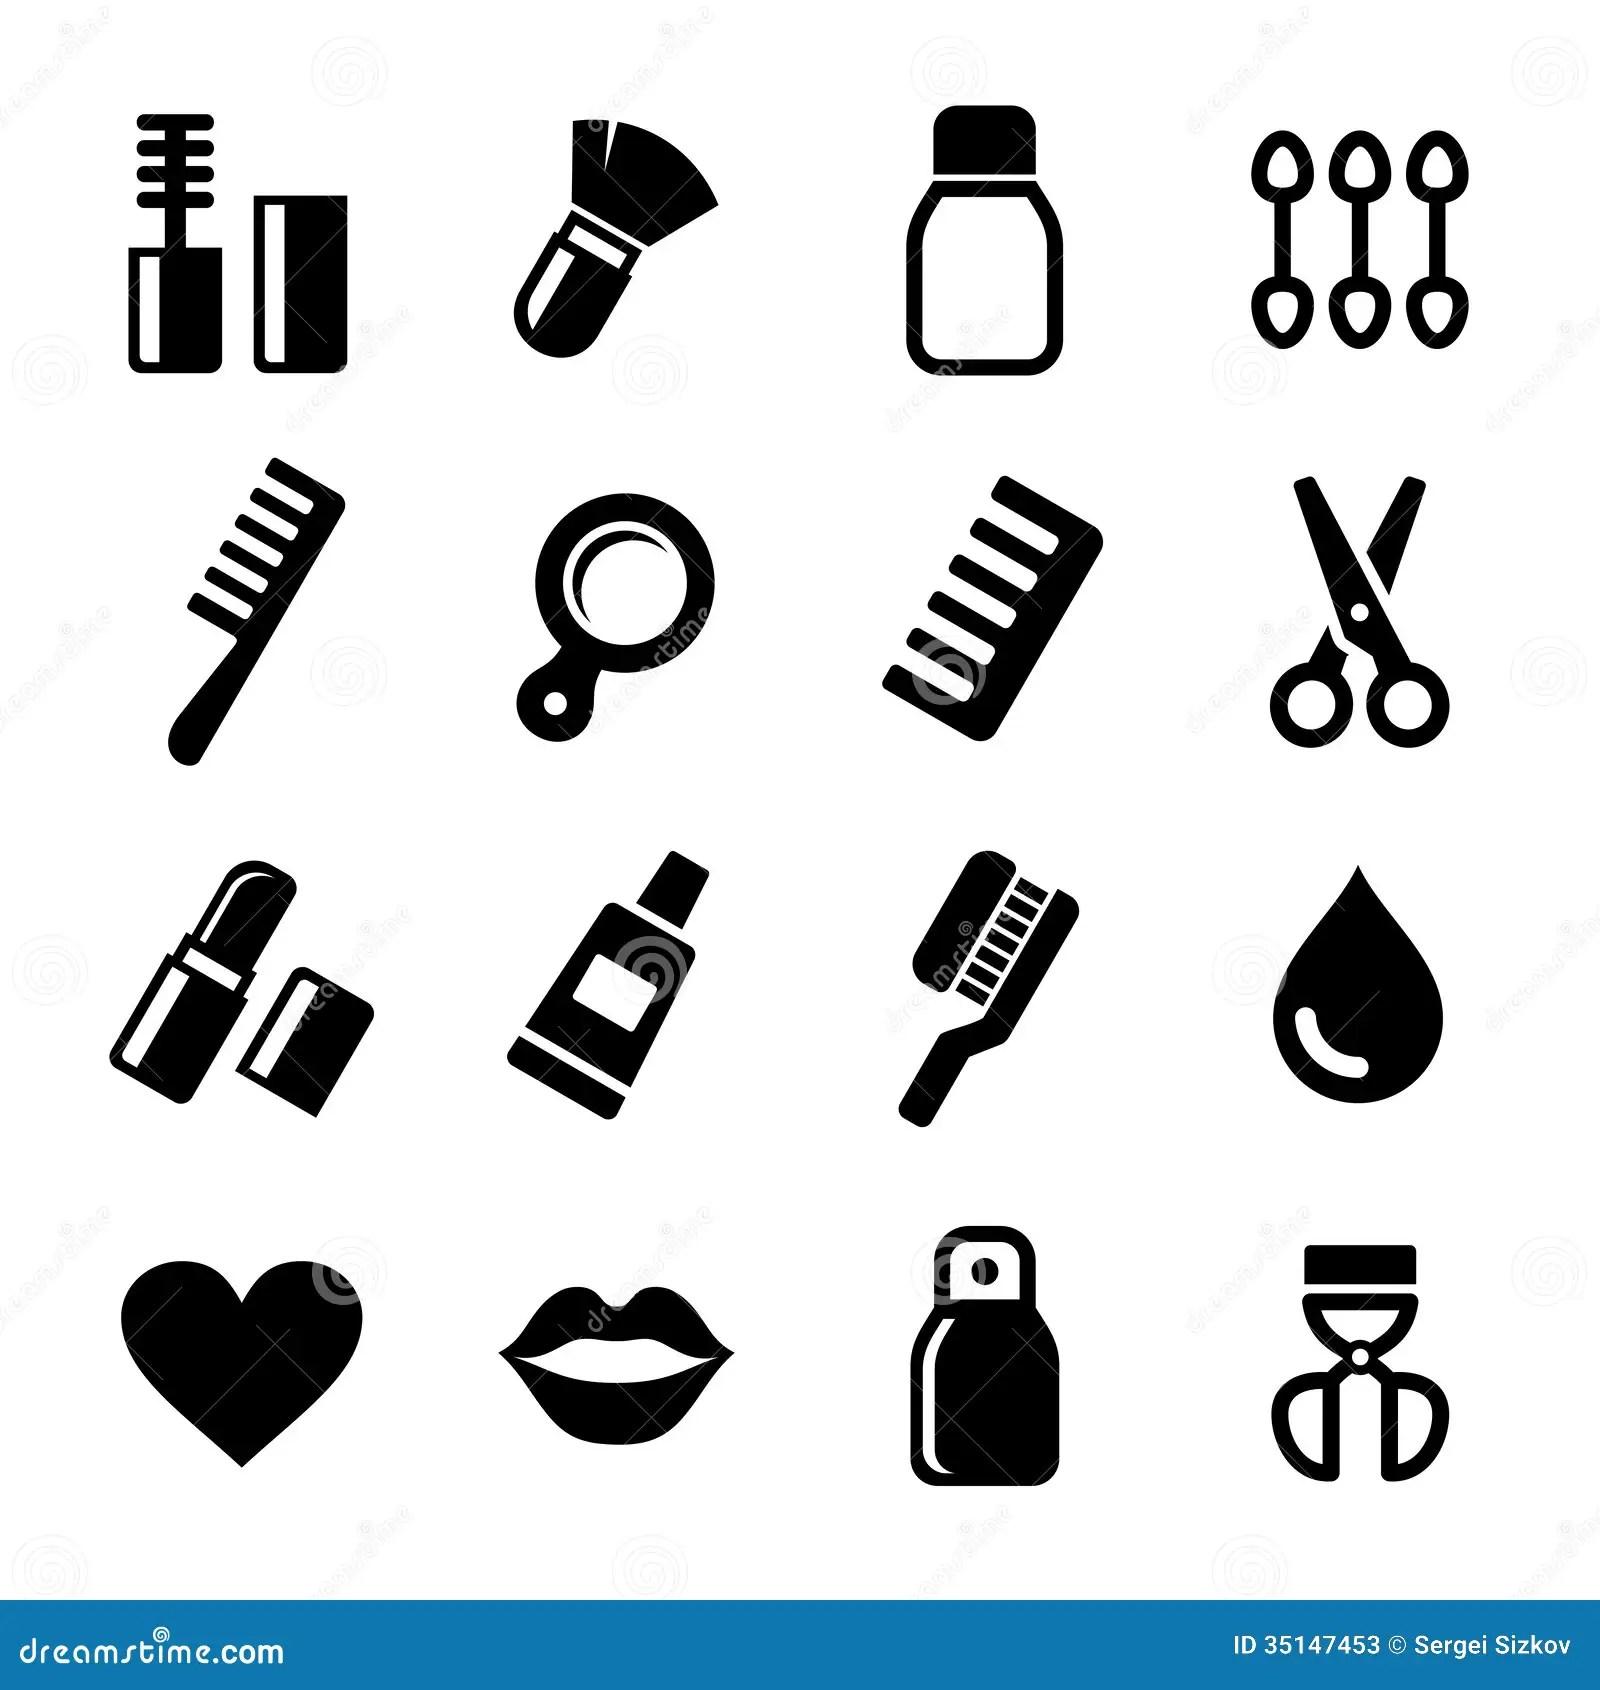 Icones Do Perfume Dos Cosmeticos Ajustados Ilustracao